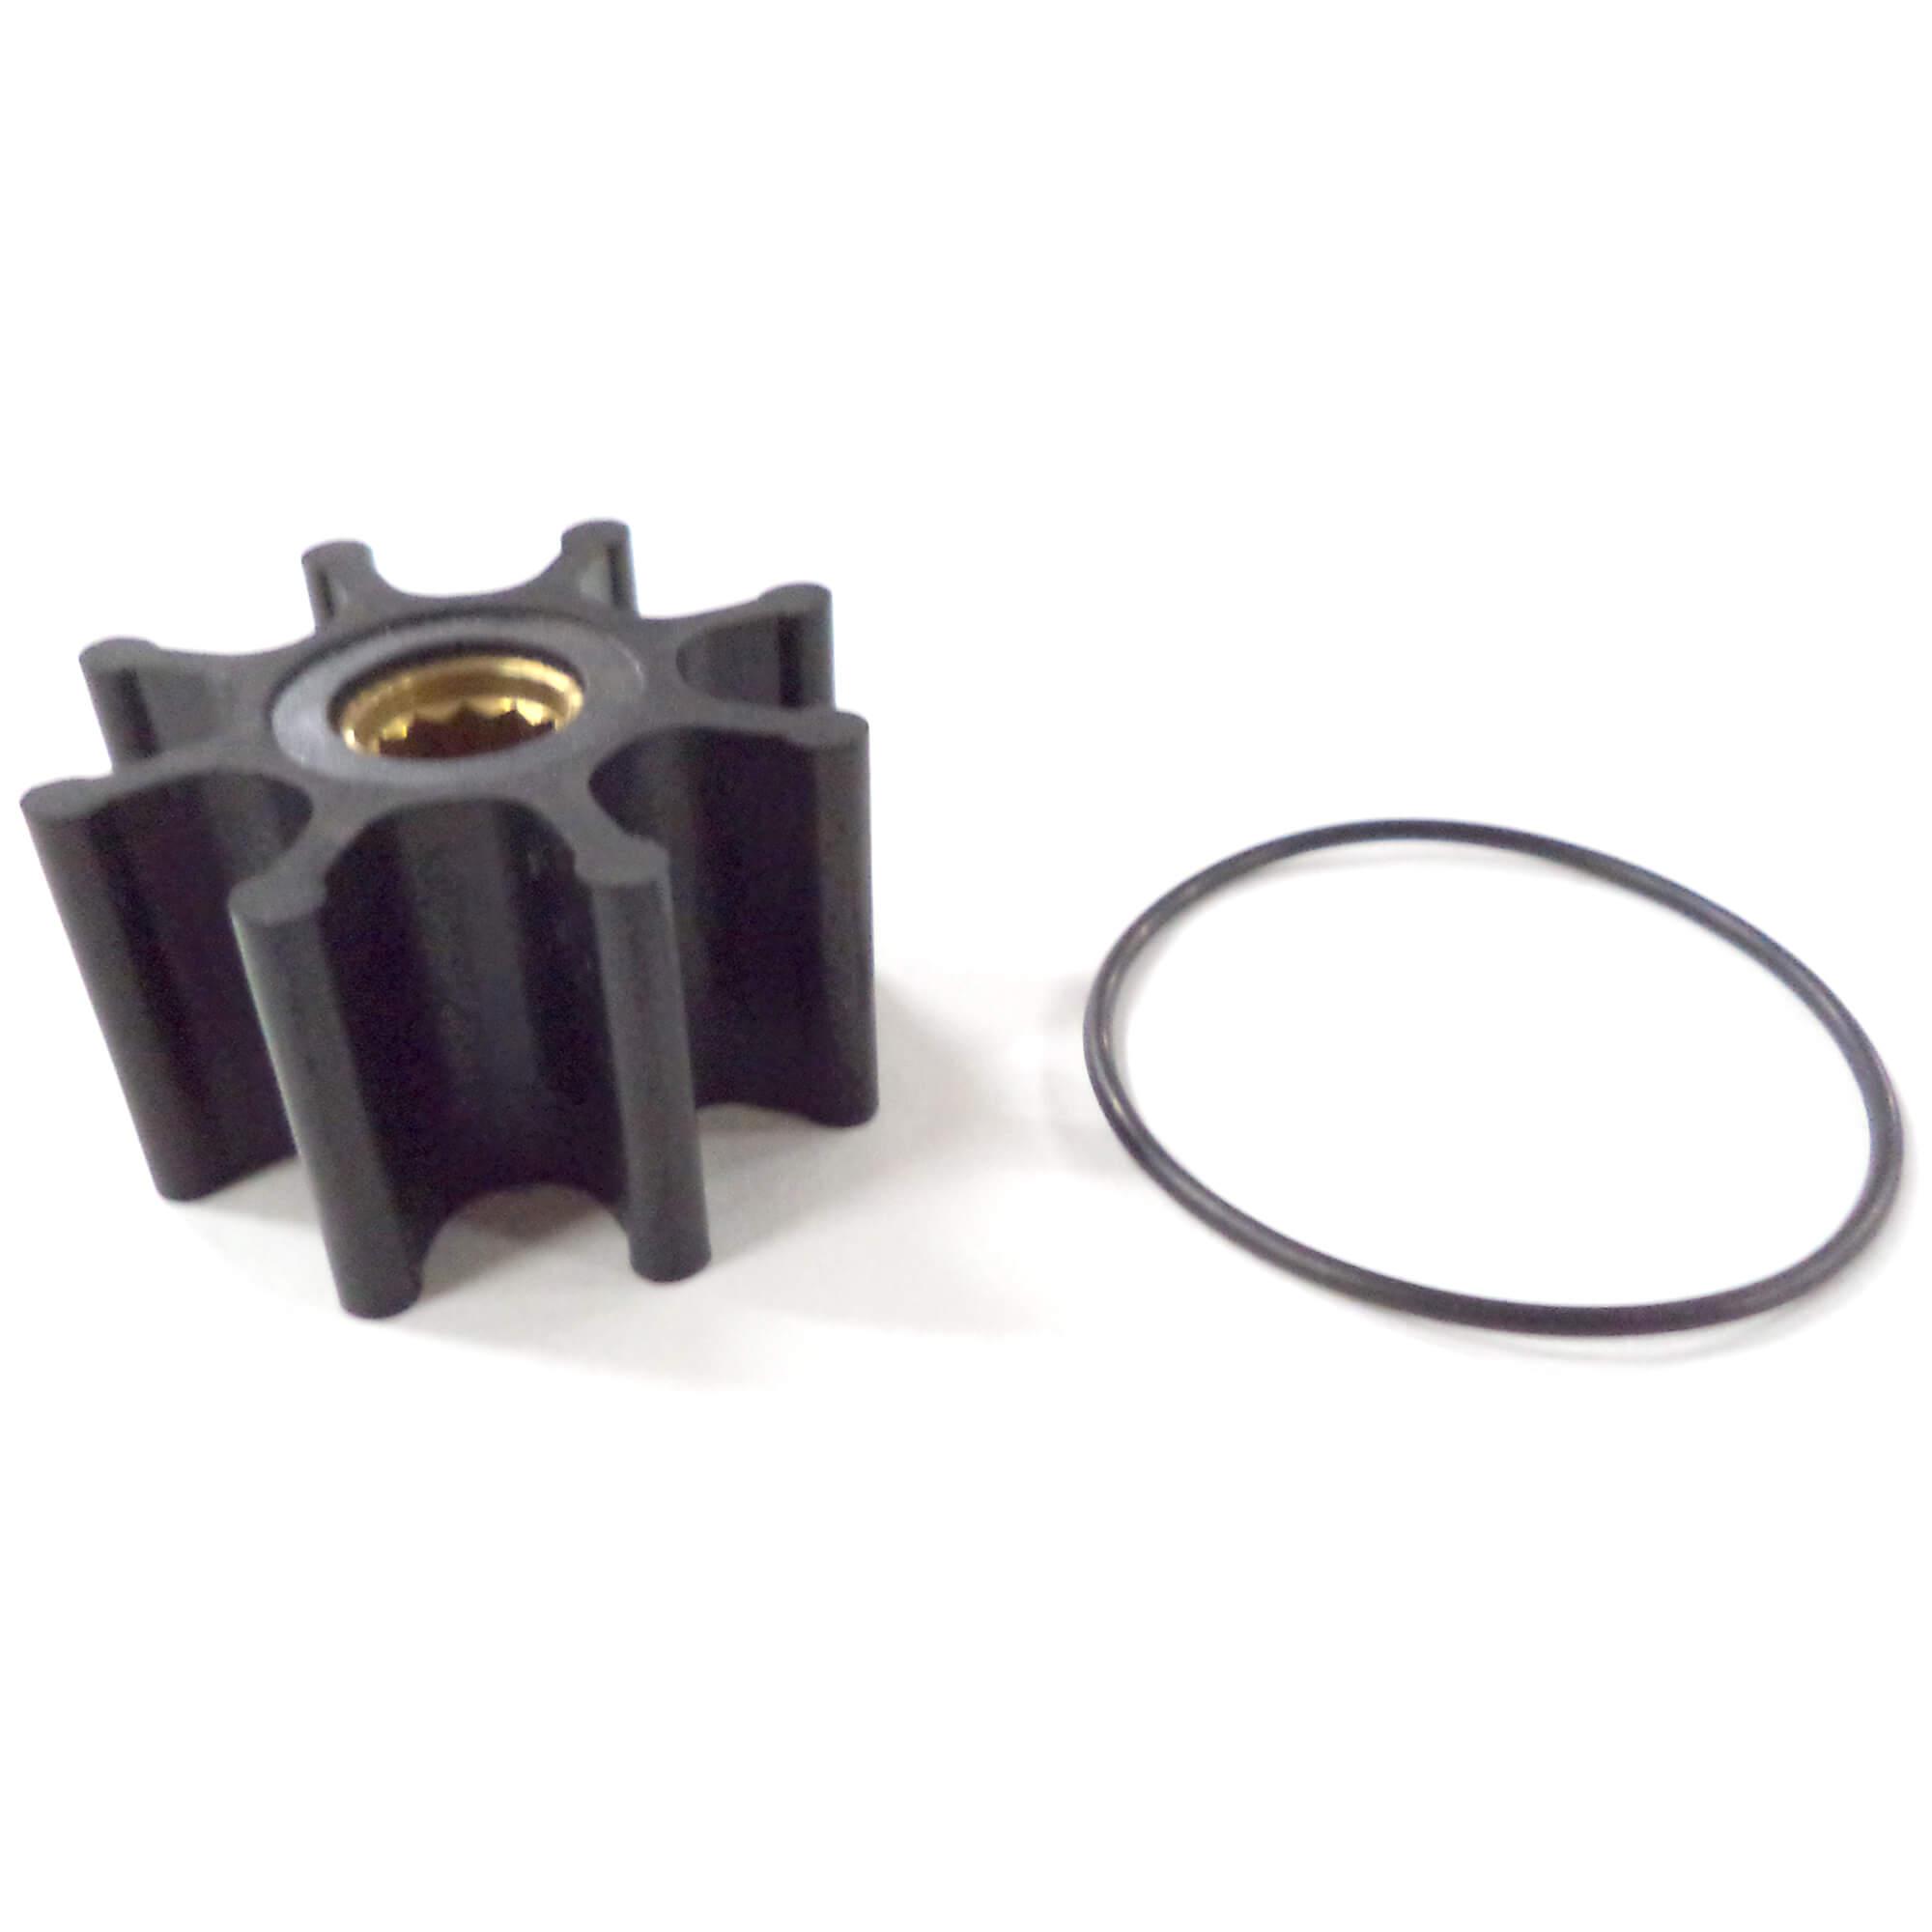 Jabsco Impeller Kit Neoprene #17937-0001-P